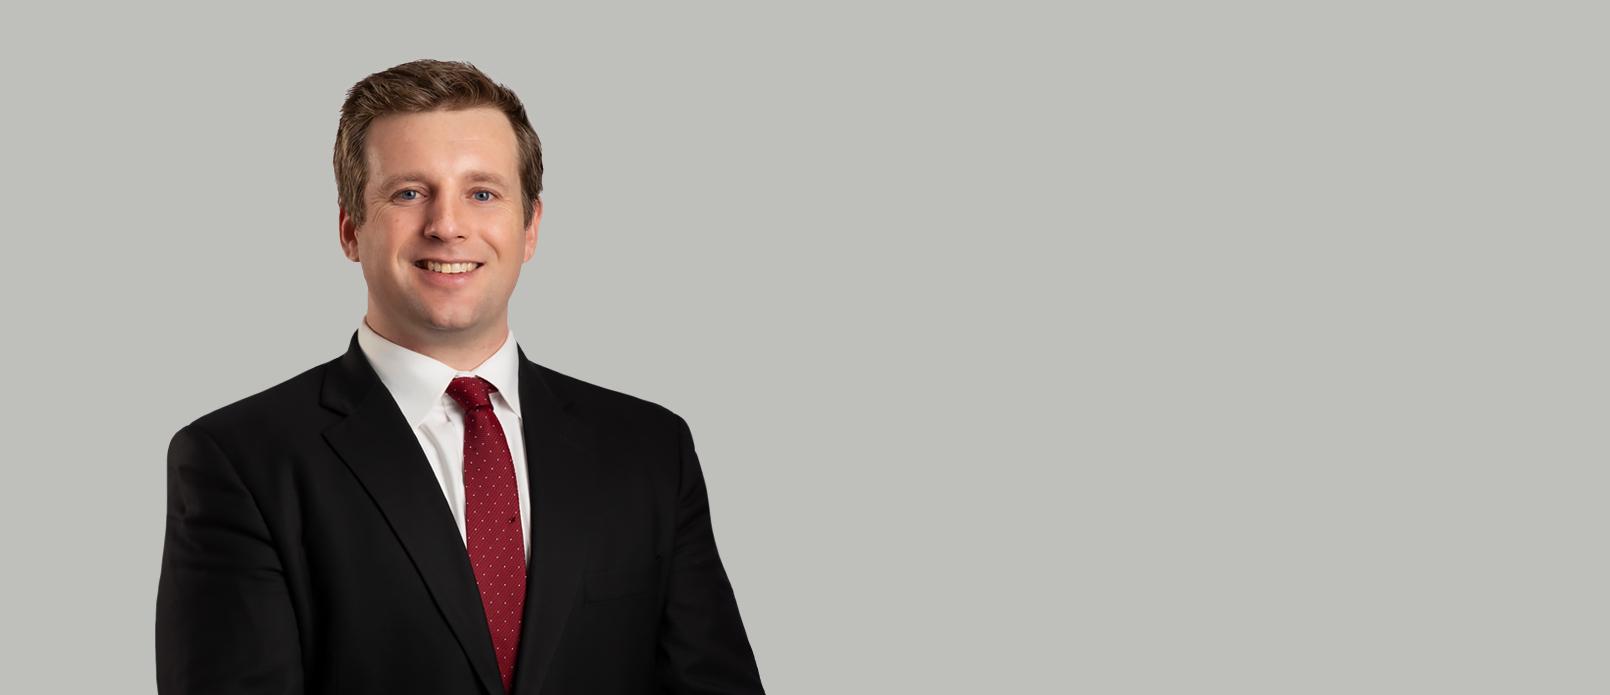 Peter Jochens